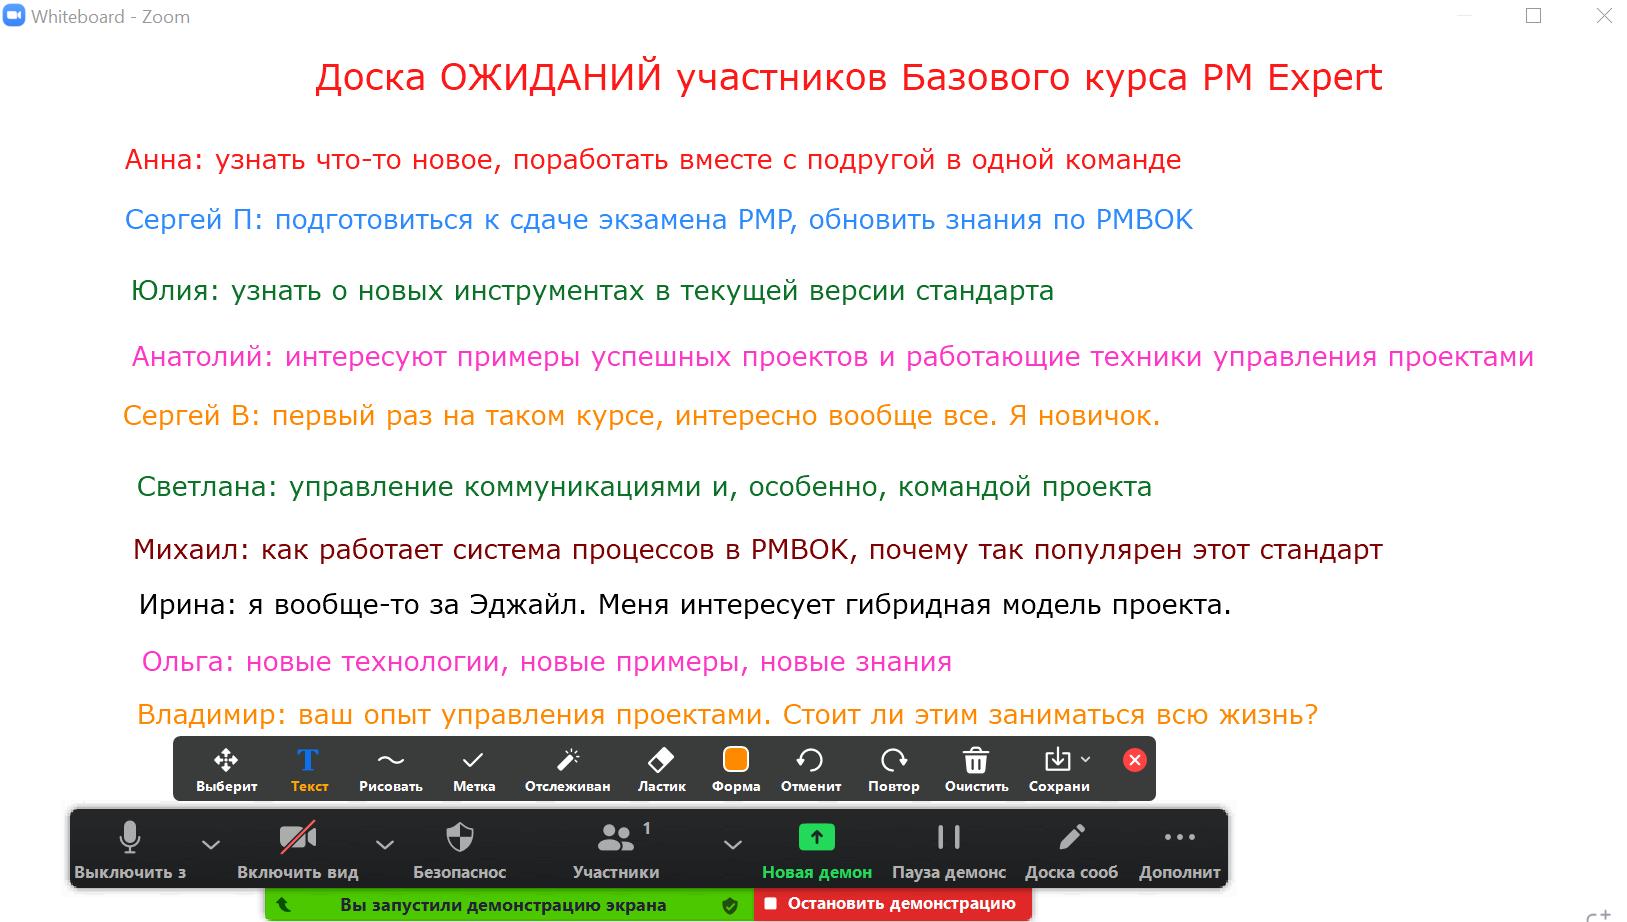 Скриншот 2020-11-25 16.01.58